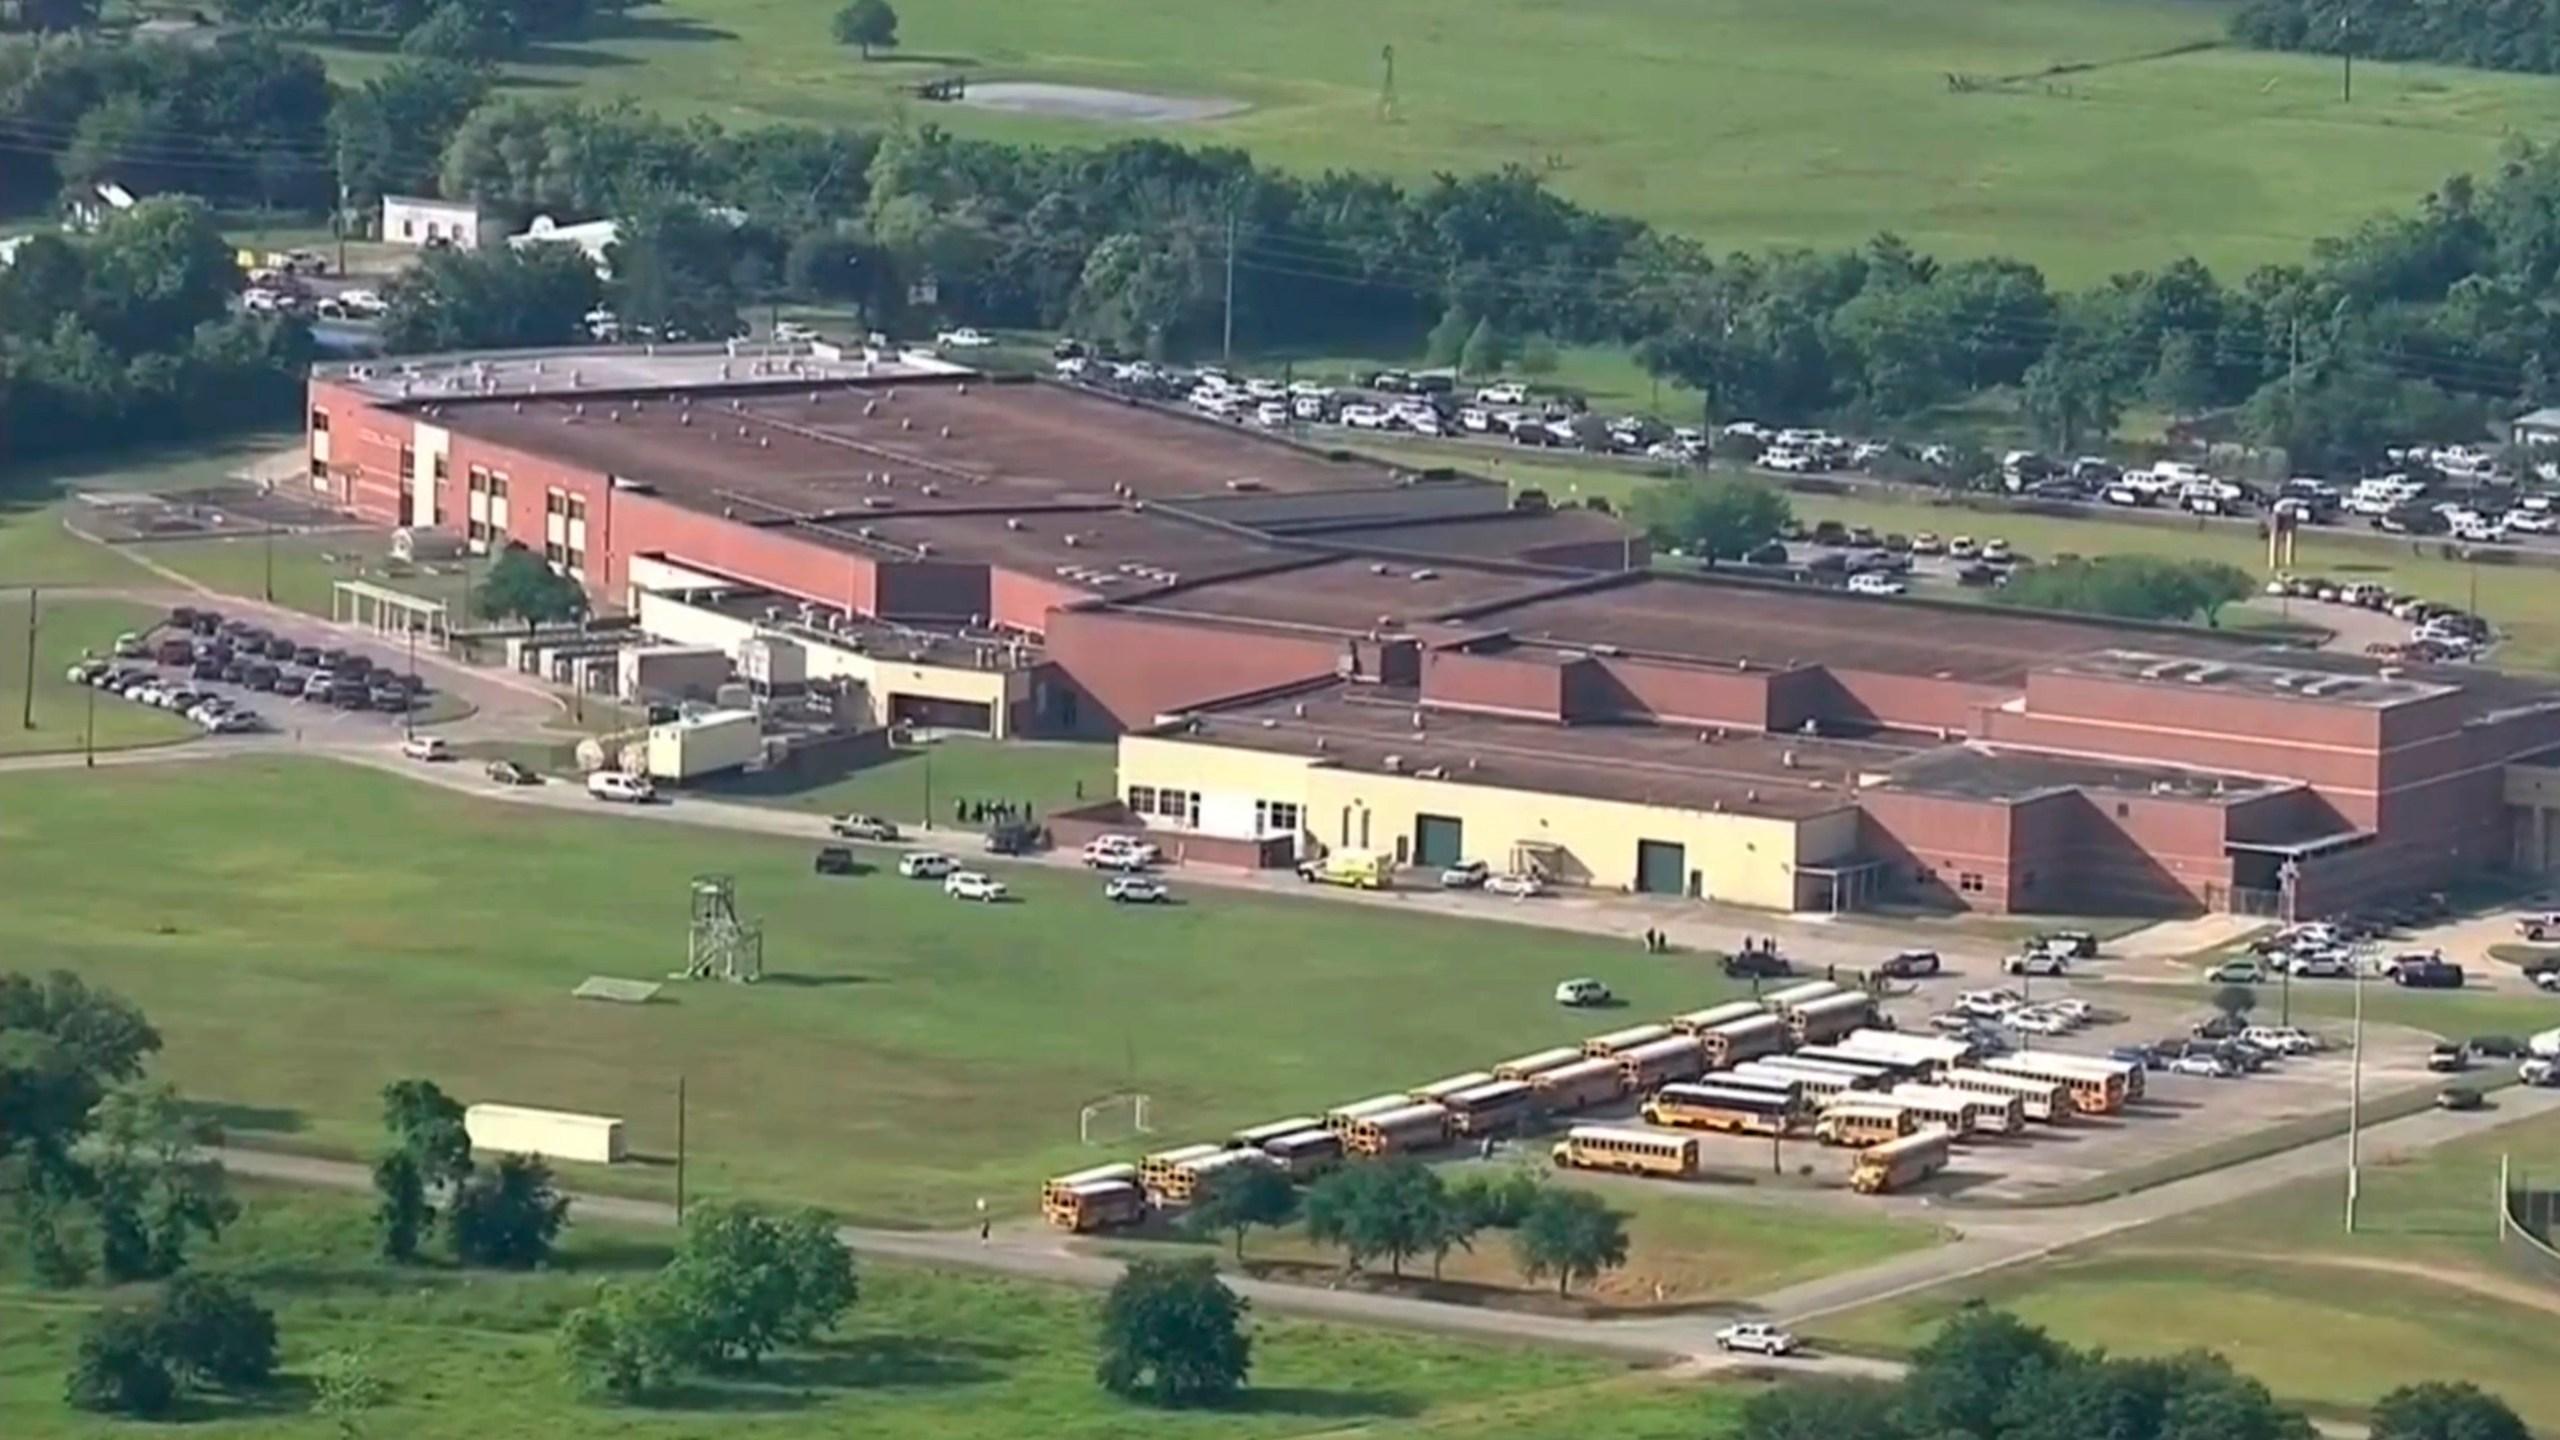 School_Shooting-Texas_98045-159532.jpg12846122